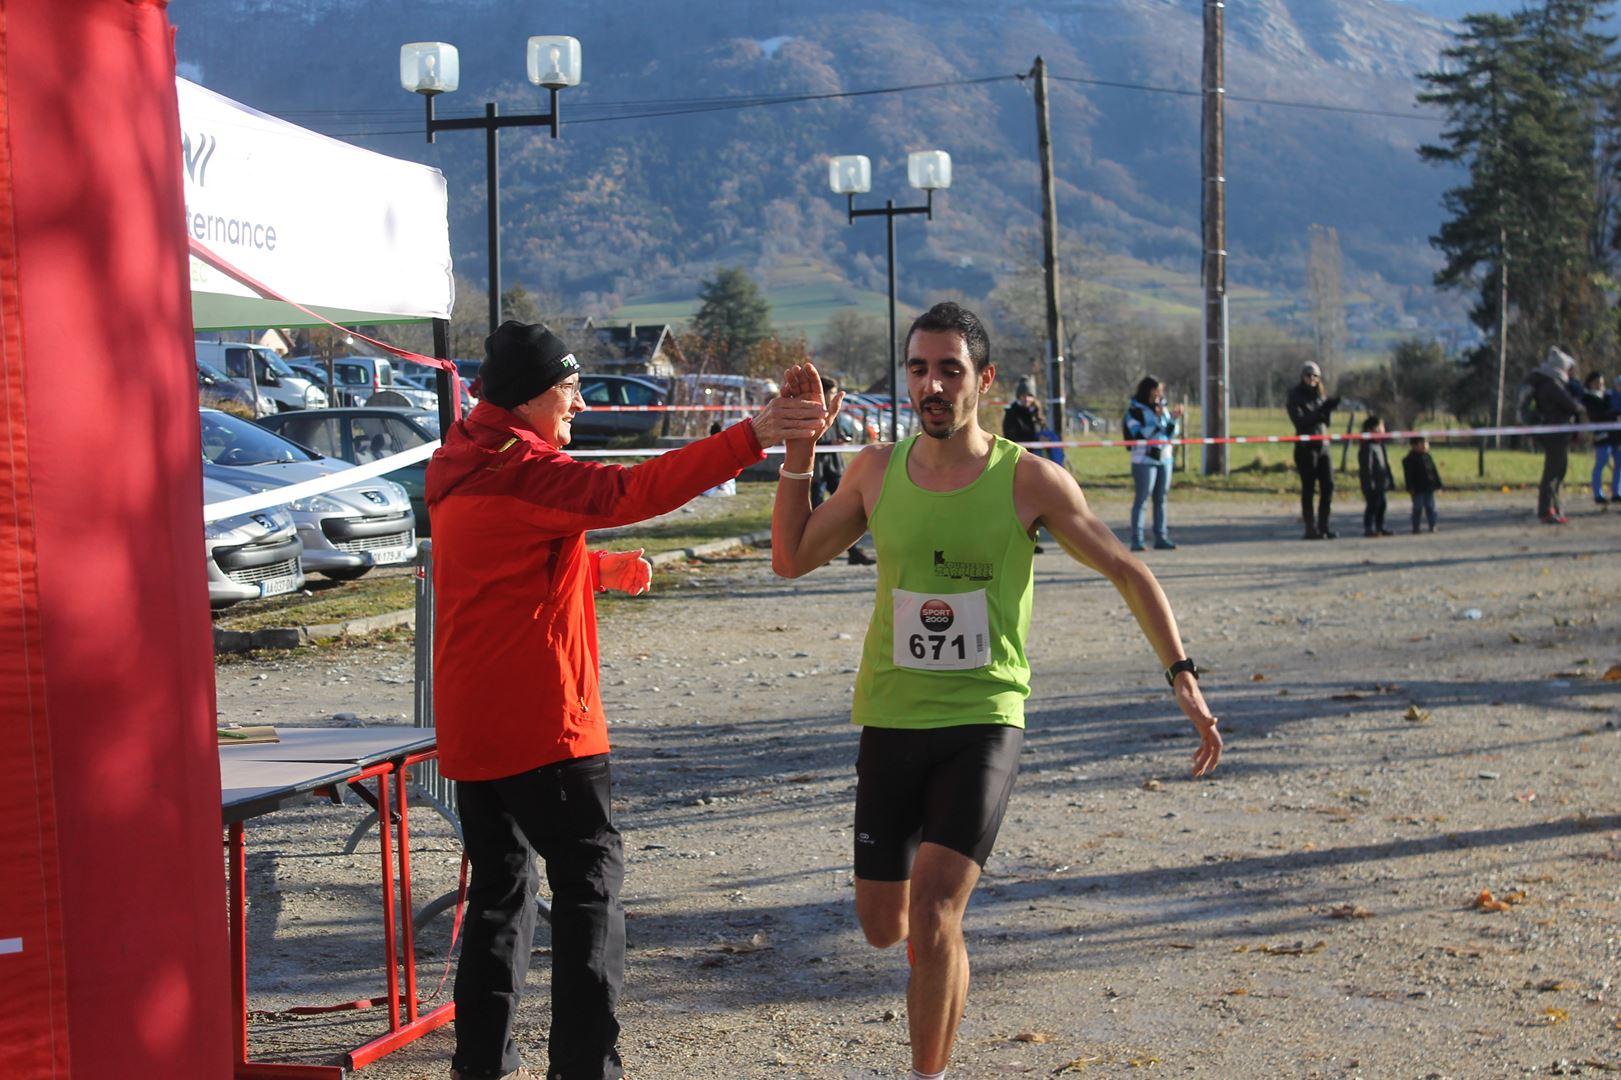 arruvée de romain savoyen 2ème du 11km - RESULTATS ET COMPTE RENDU DE LA SANGERUN 26-11-2017 SAINT JEAN D'ARVEY (73)